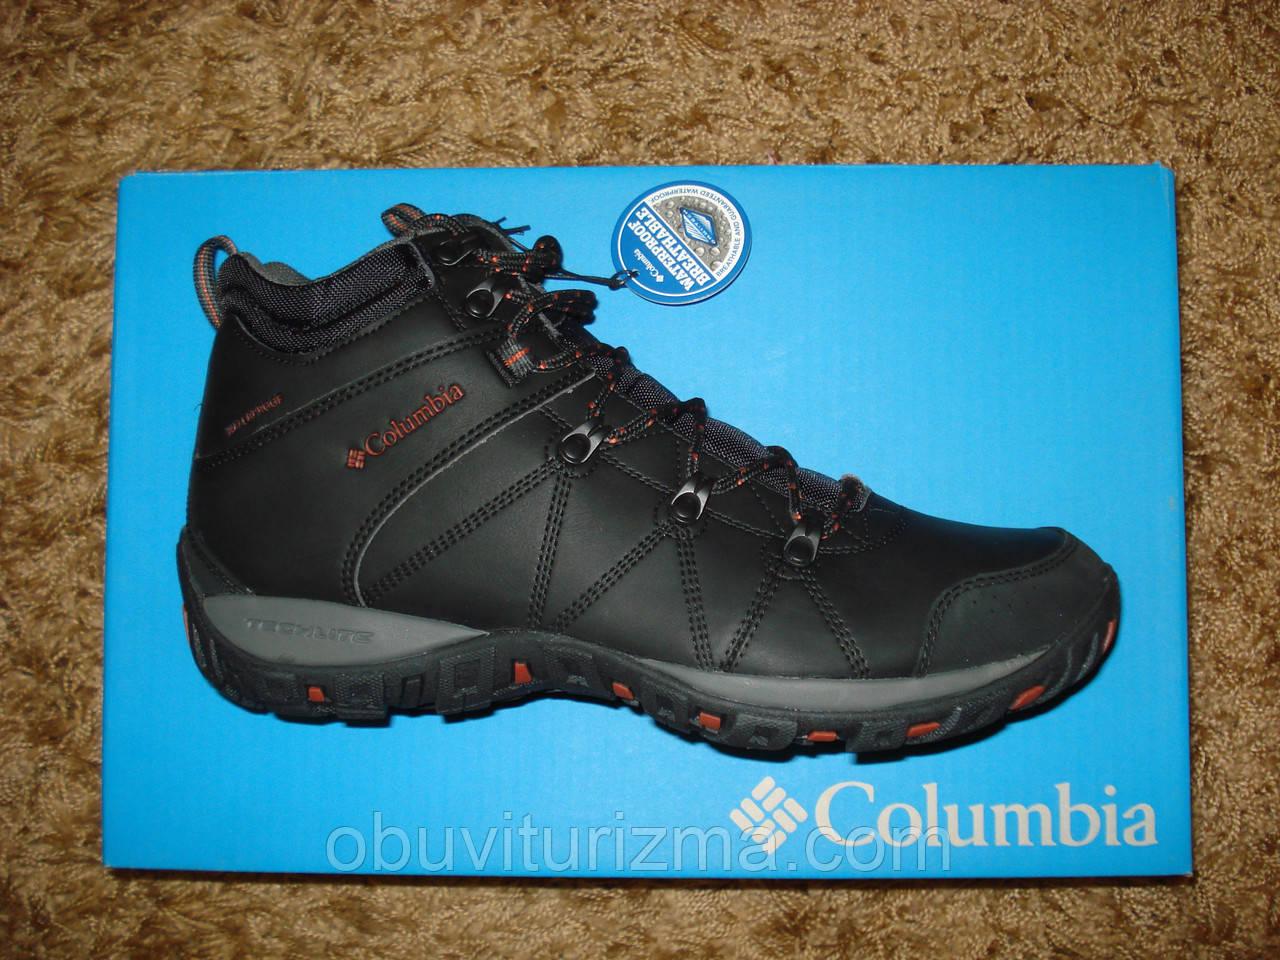 Ботинки Columbia Peakfreak™ Venture Mid Waterproof BM3991 (44.5 ... e3a4a450a9de6